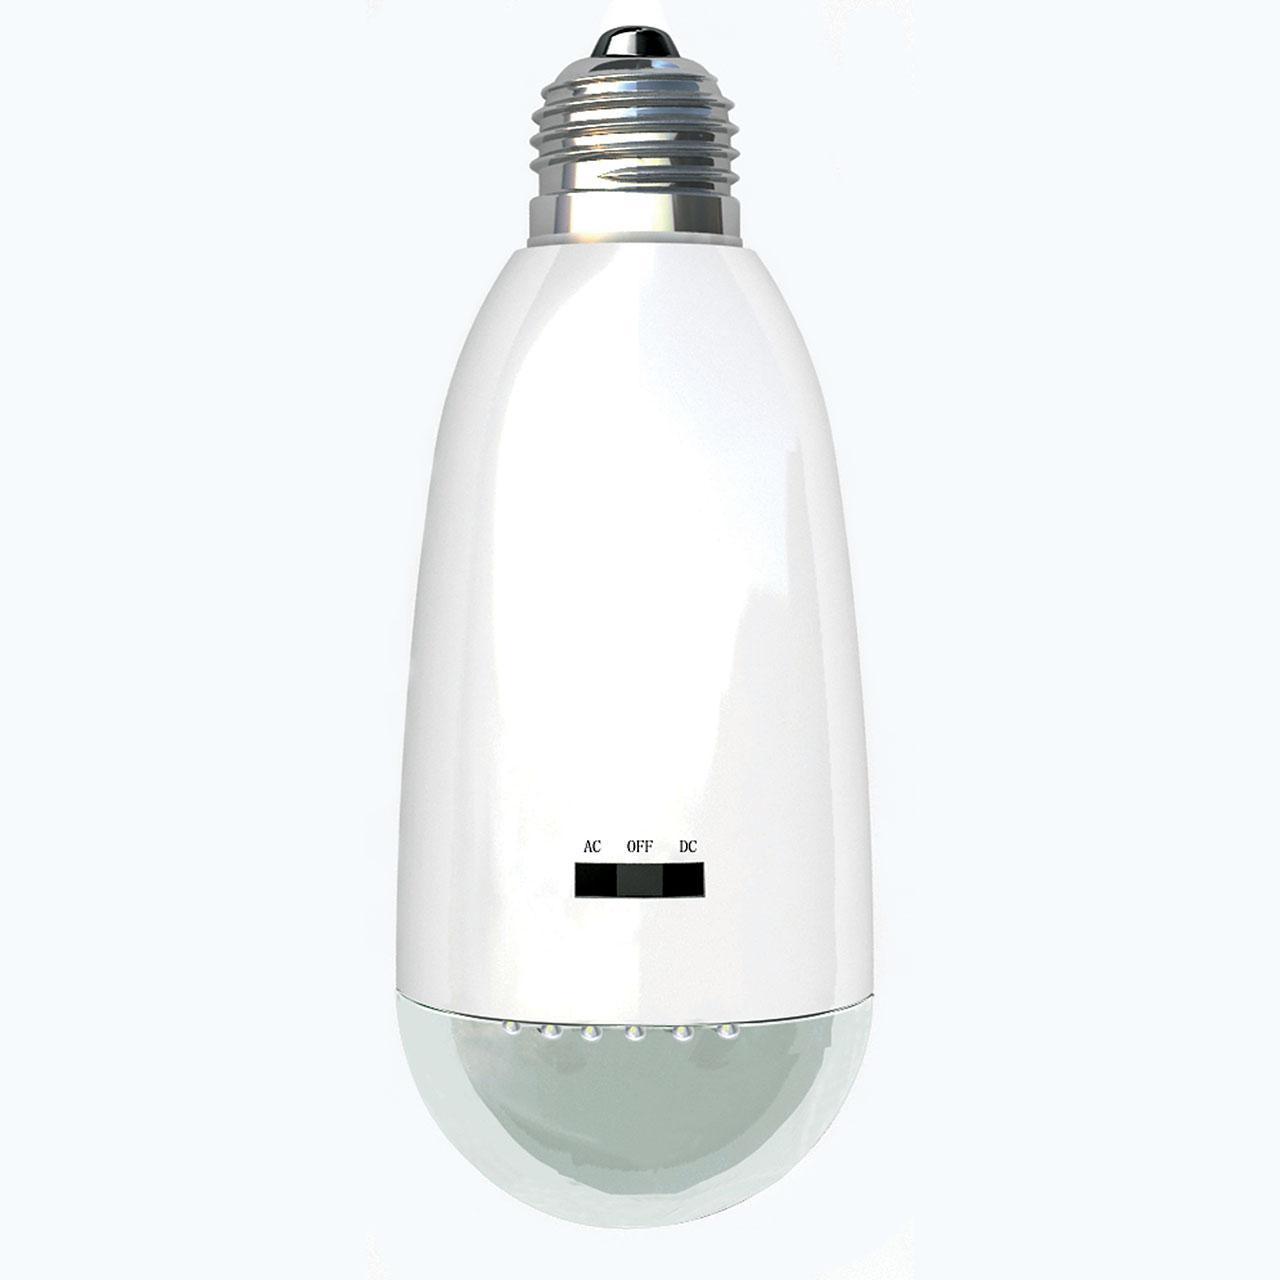 цена на Аварийный светодиодный светильник Horoz Muller белый 084-018-0001 (HL310L)